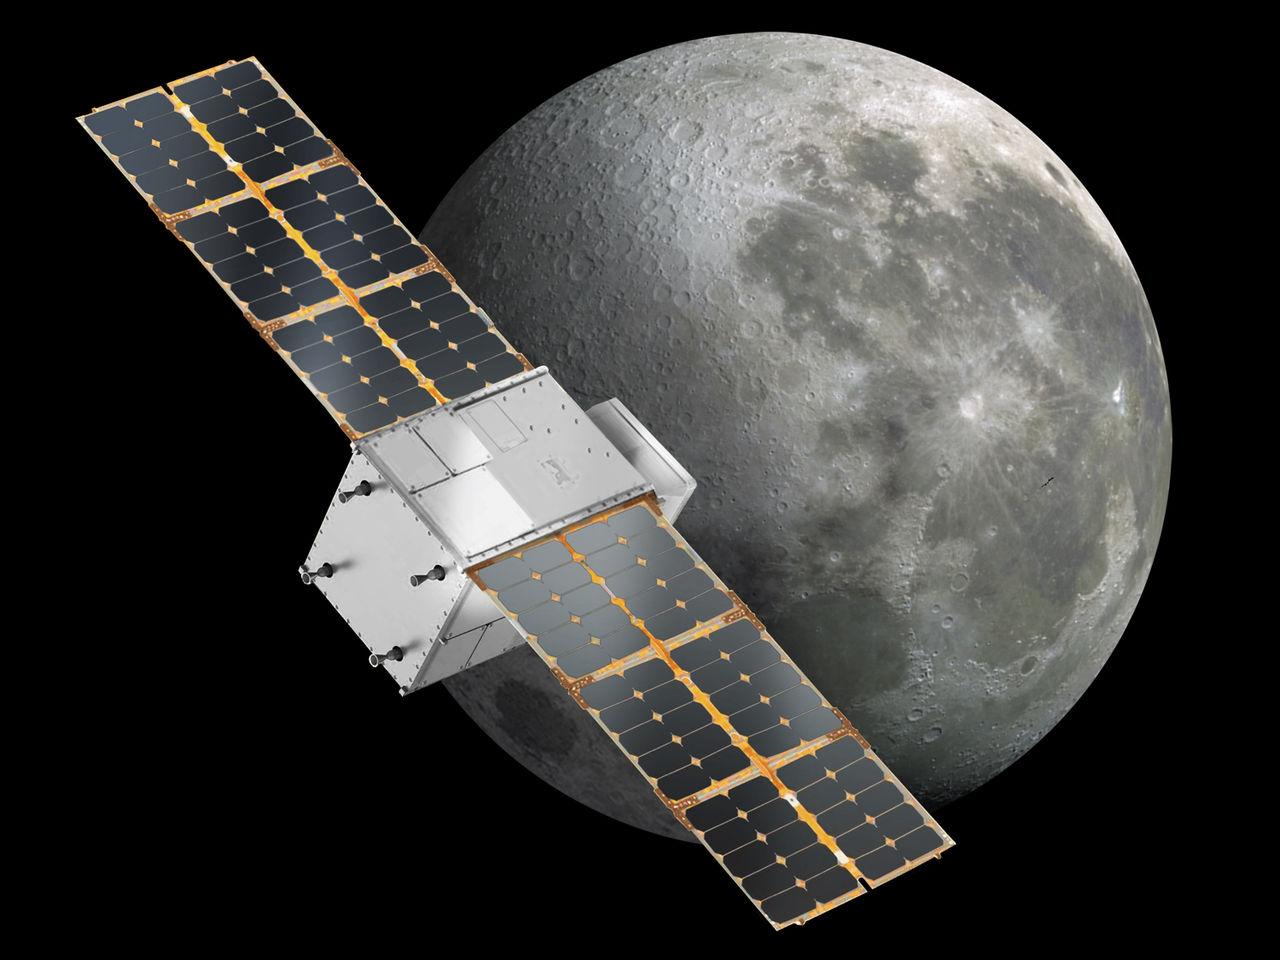 RocketLab ska skicka NASA-satellit till månen